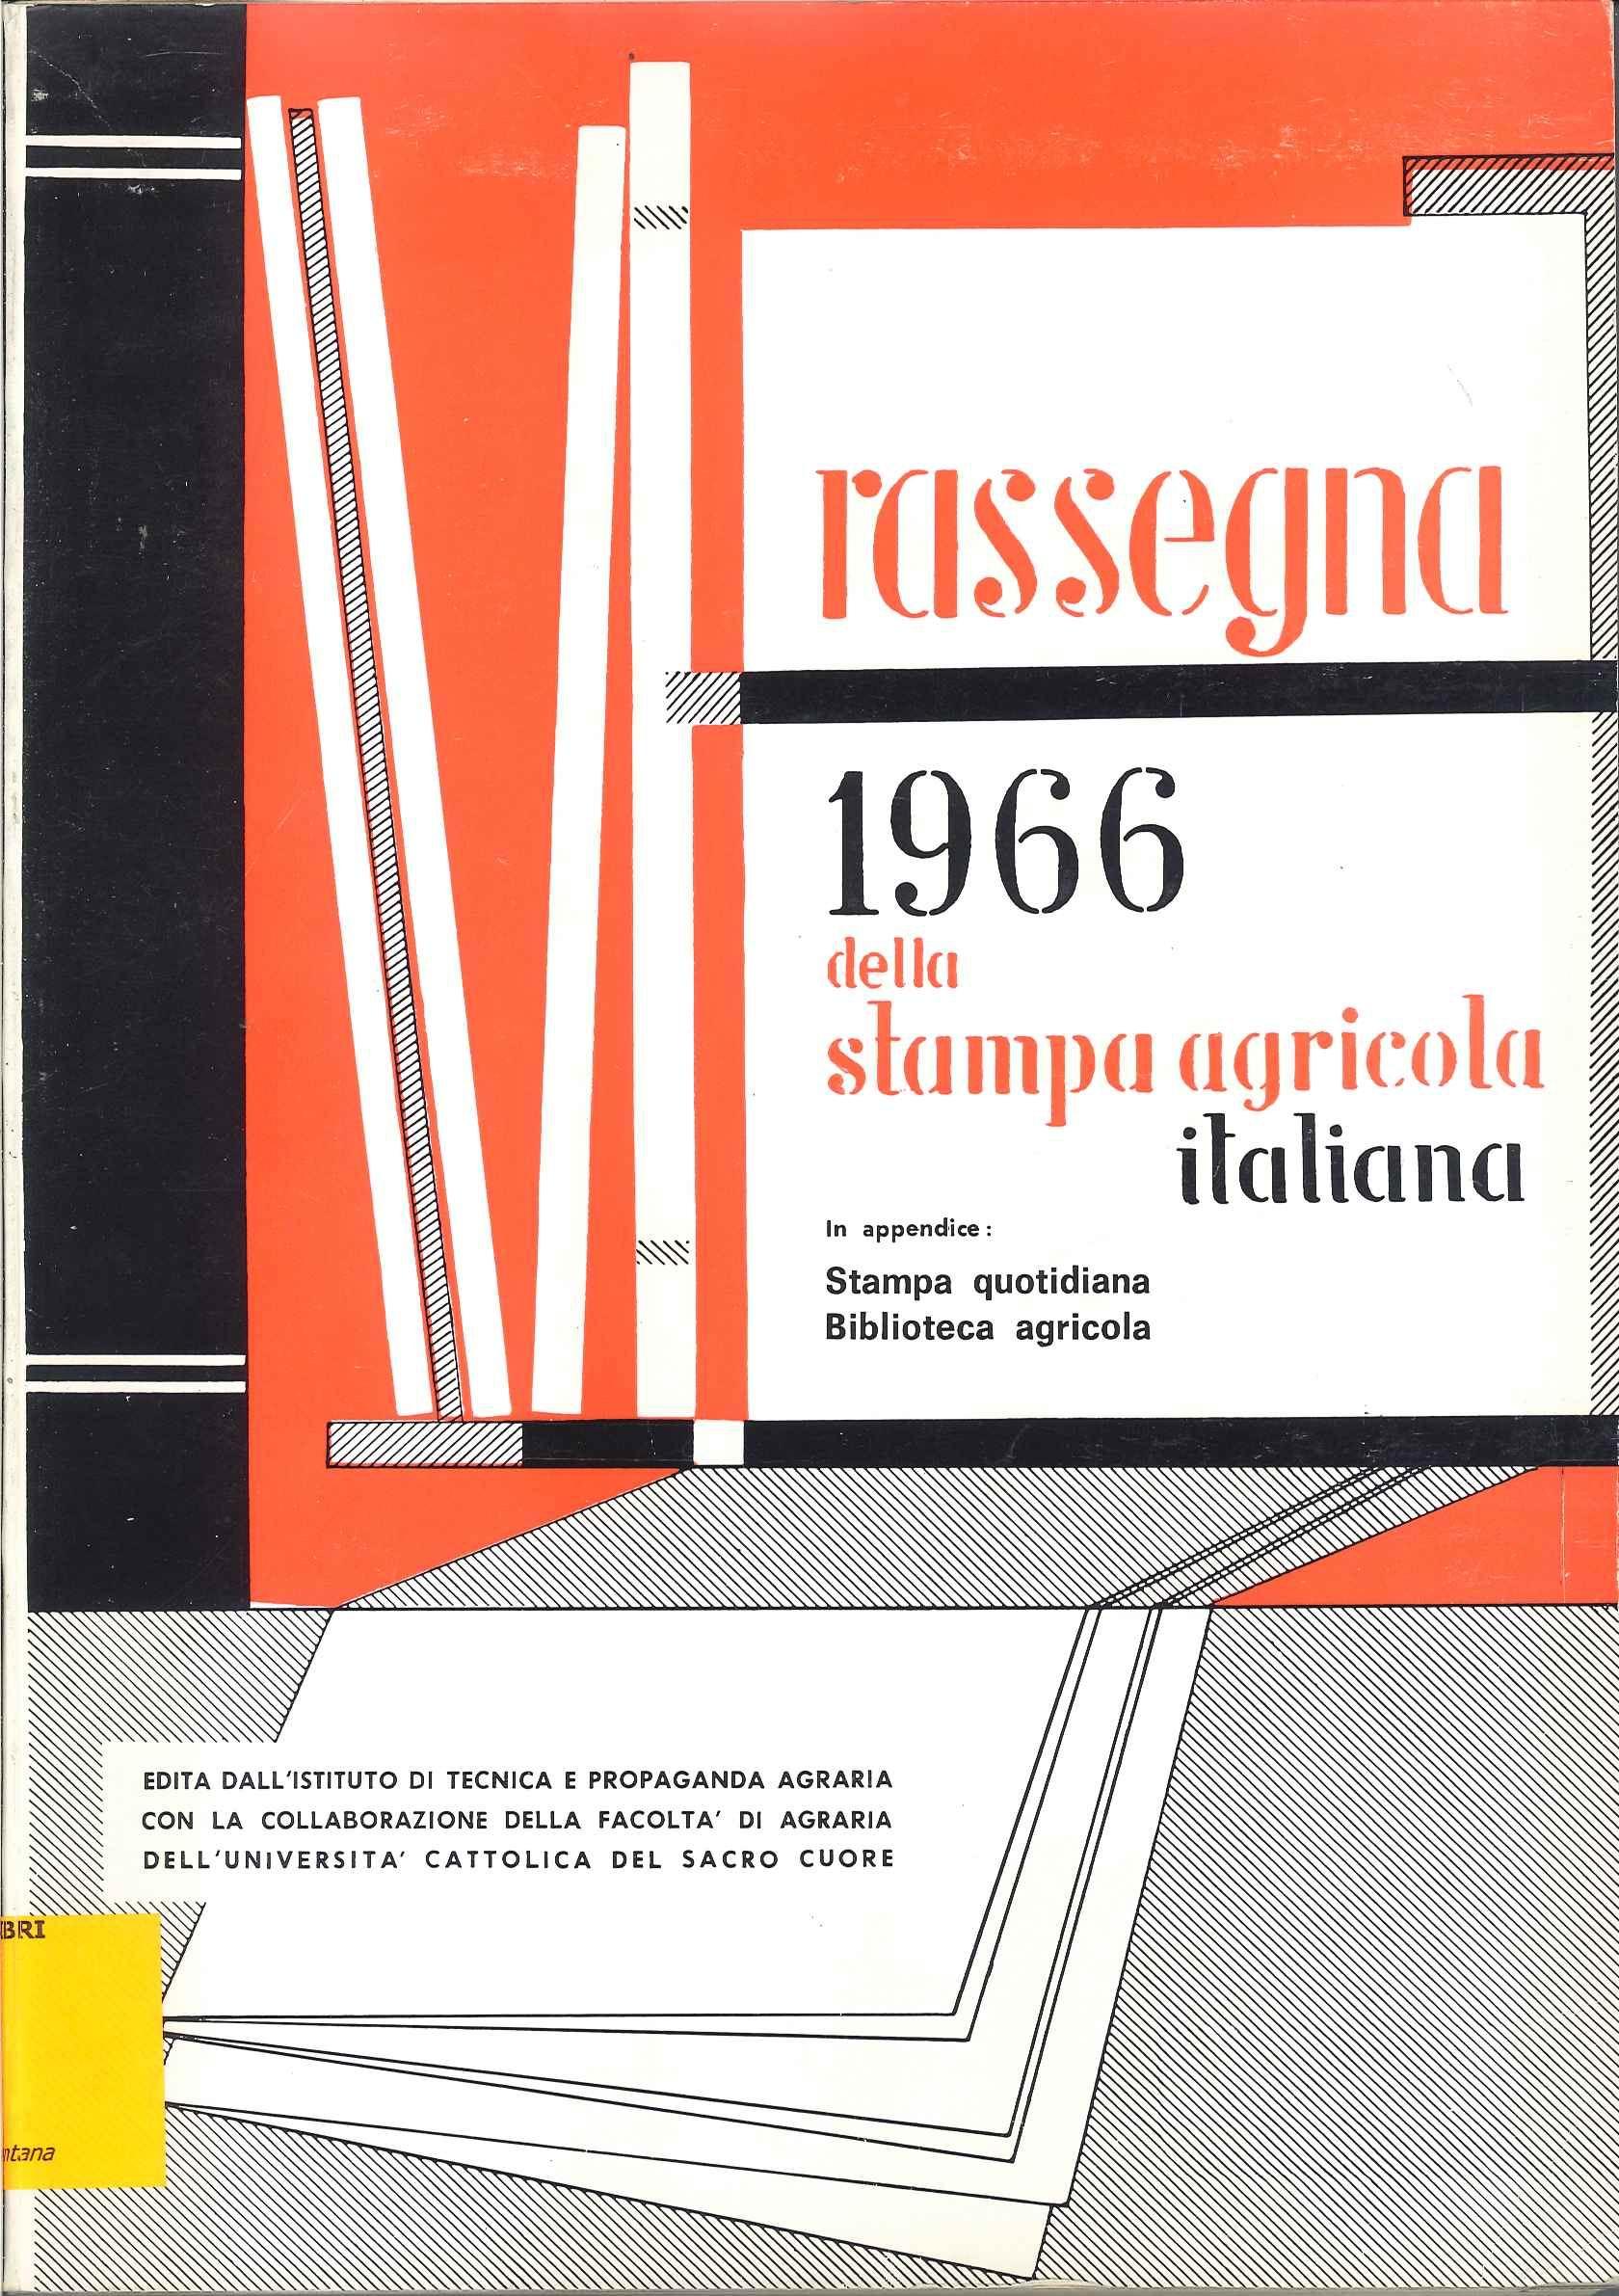 Rassegna 1966 della stampa agricola italiana